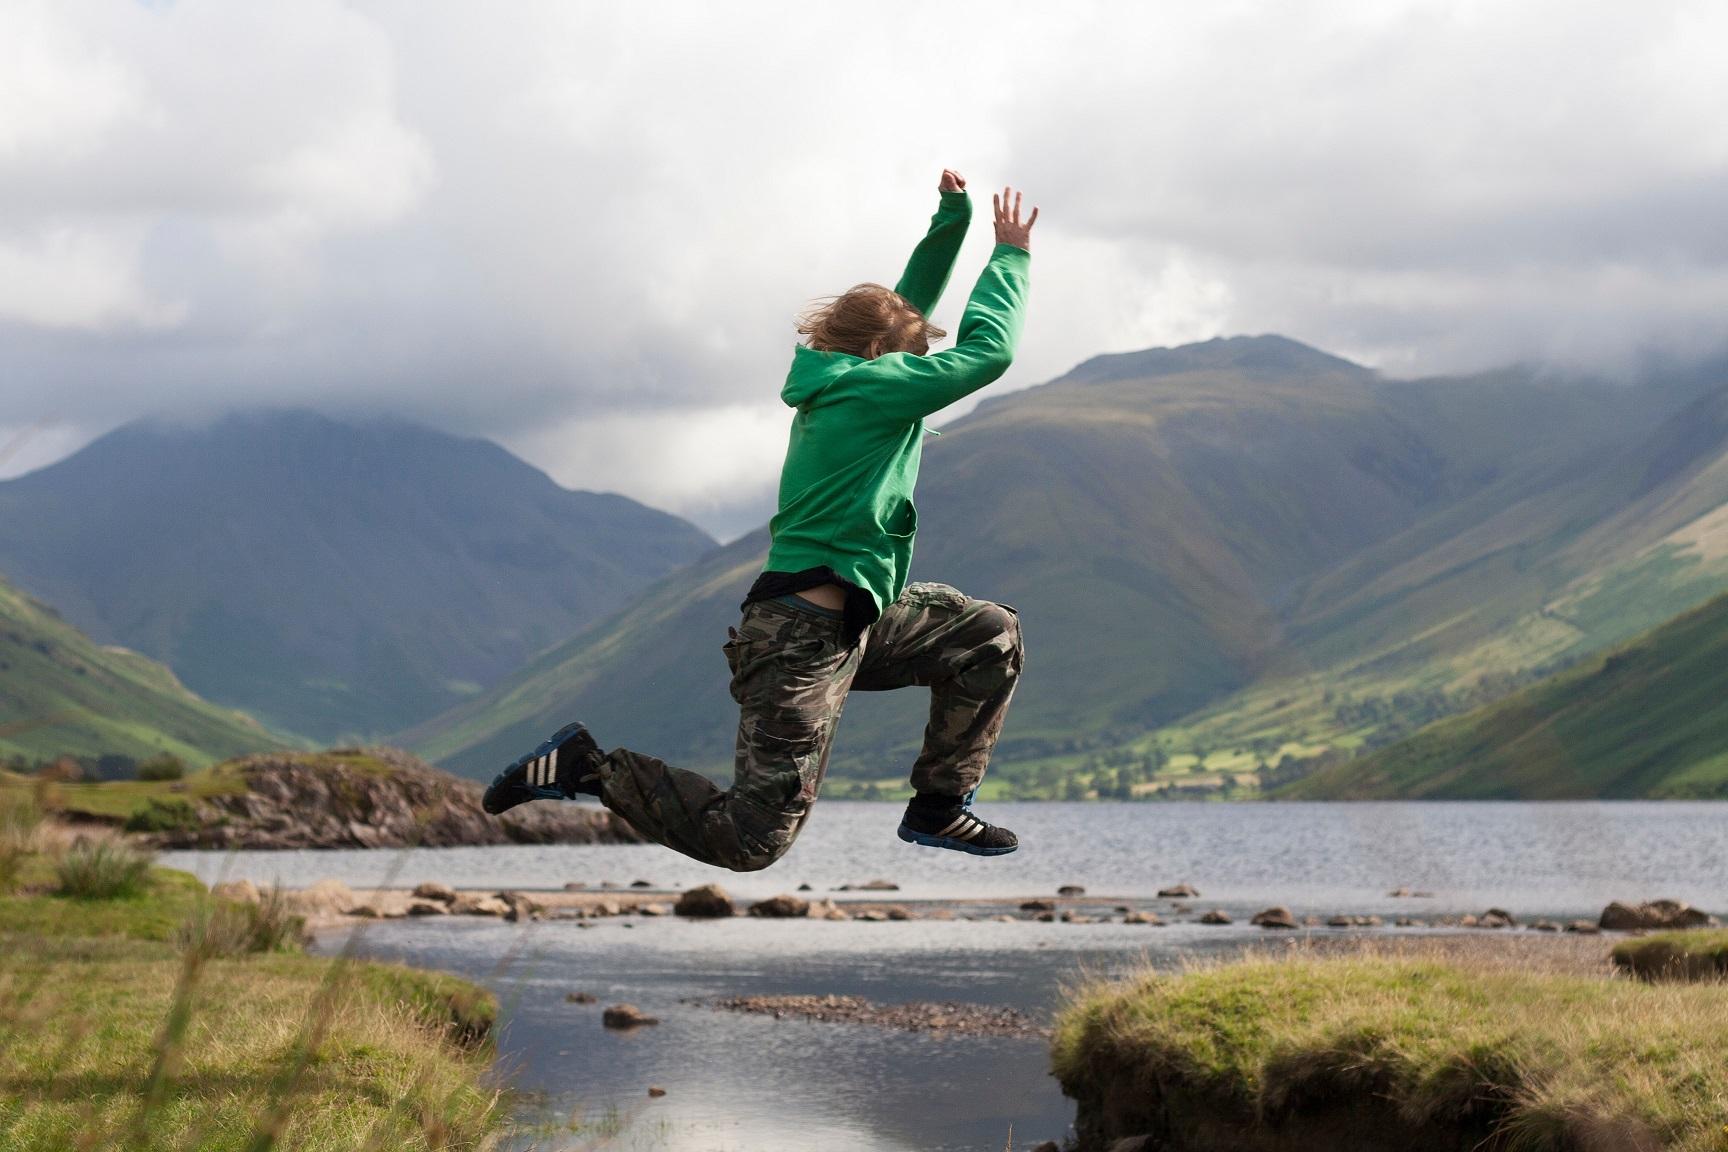 man-mountains-jumping-or-falling